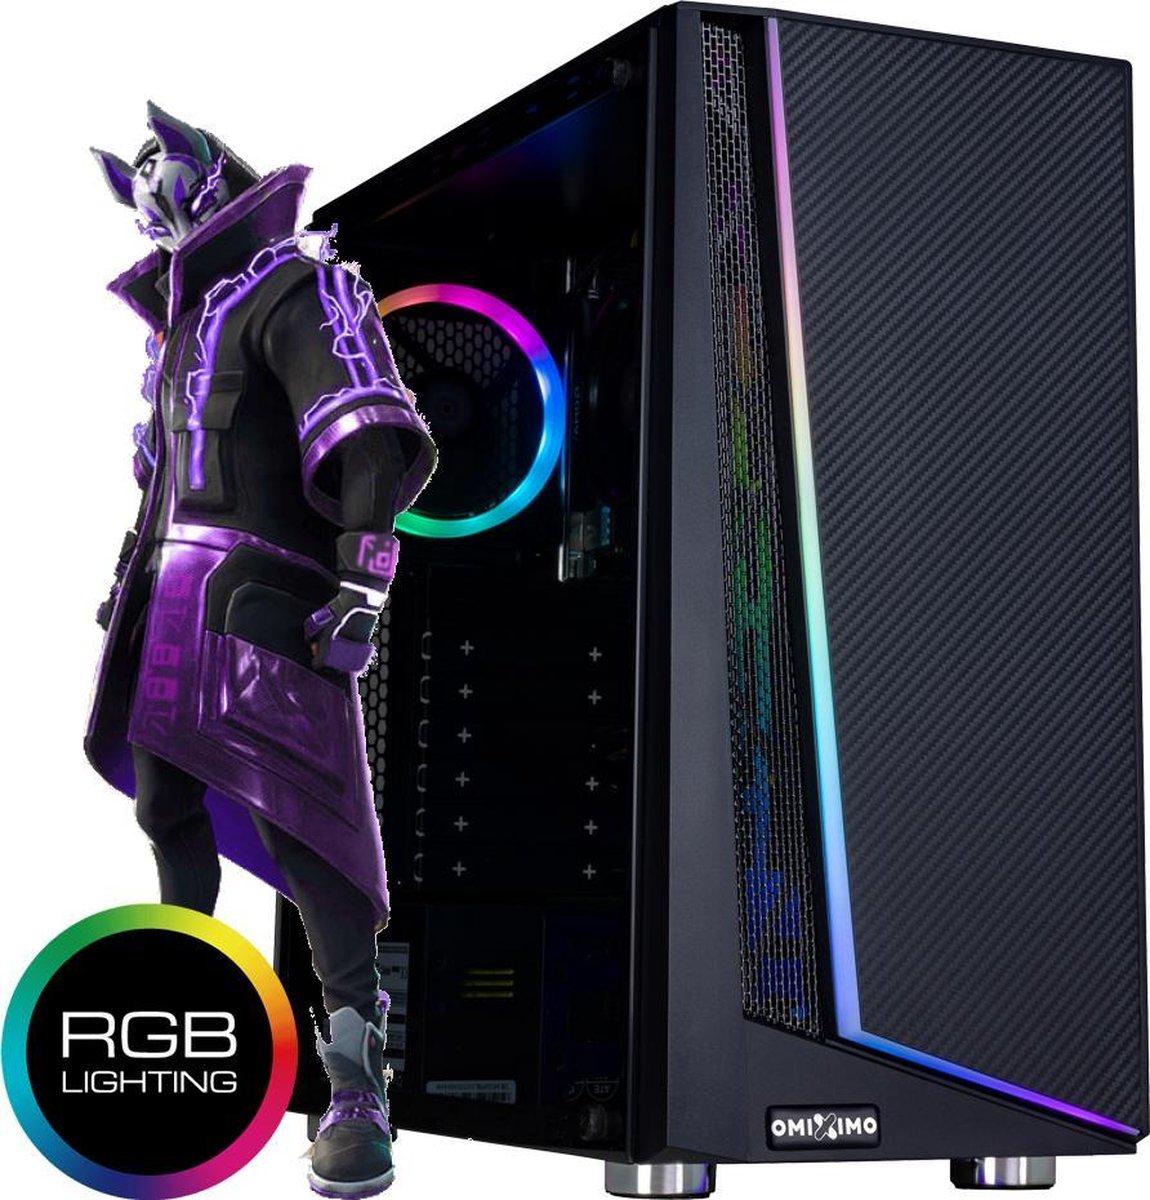 omiXimo   AMD Ryzen 3    Game PC   16 GB ram   480 GB SSD  Geschikt voor: Fortnite, Minecraft, Sims